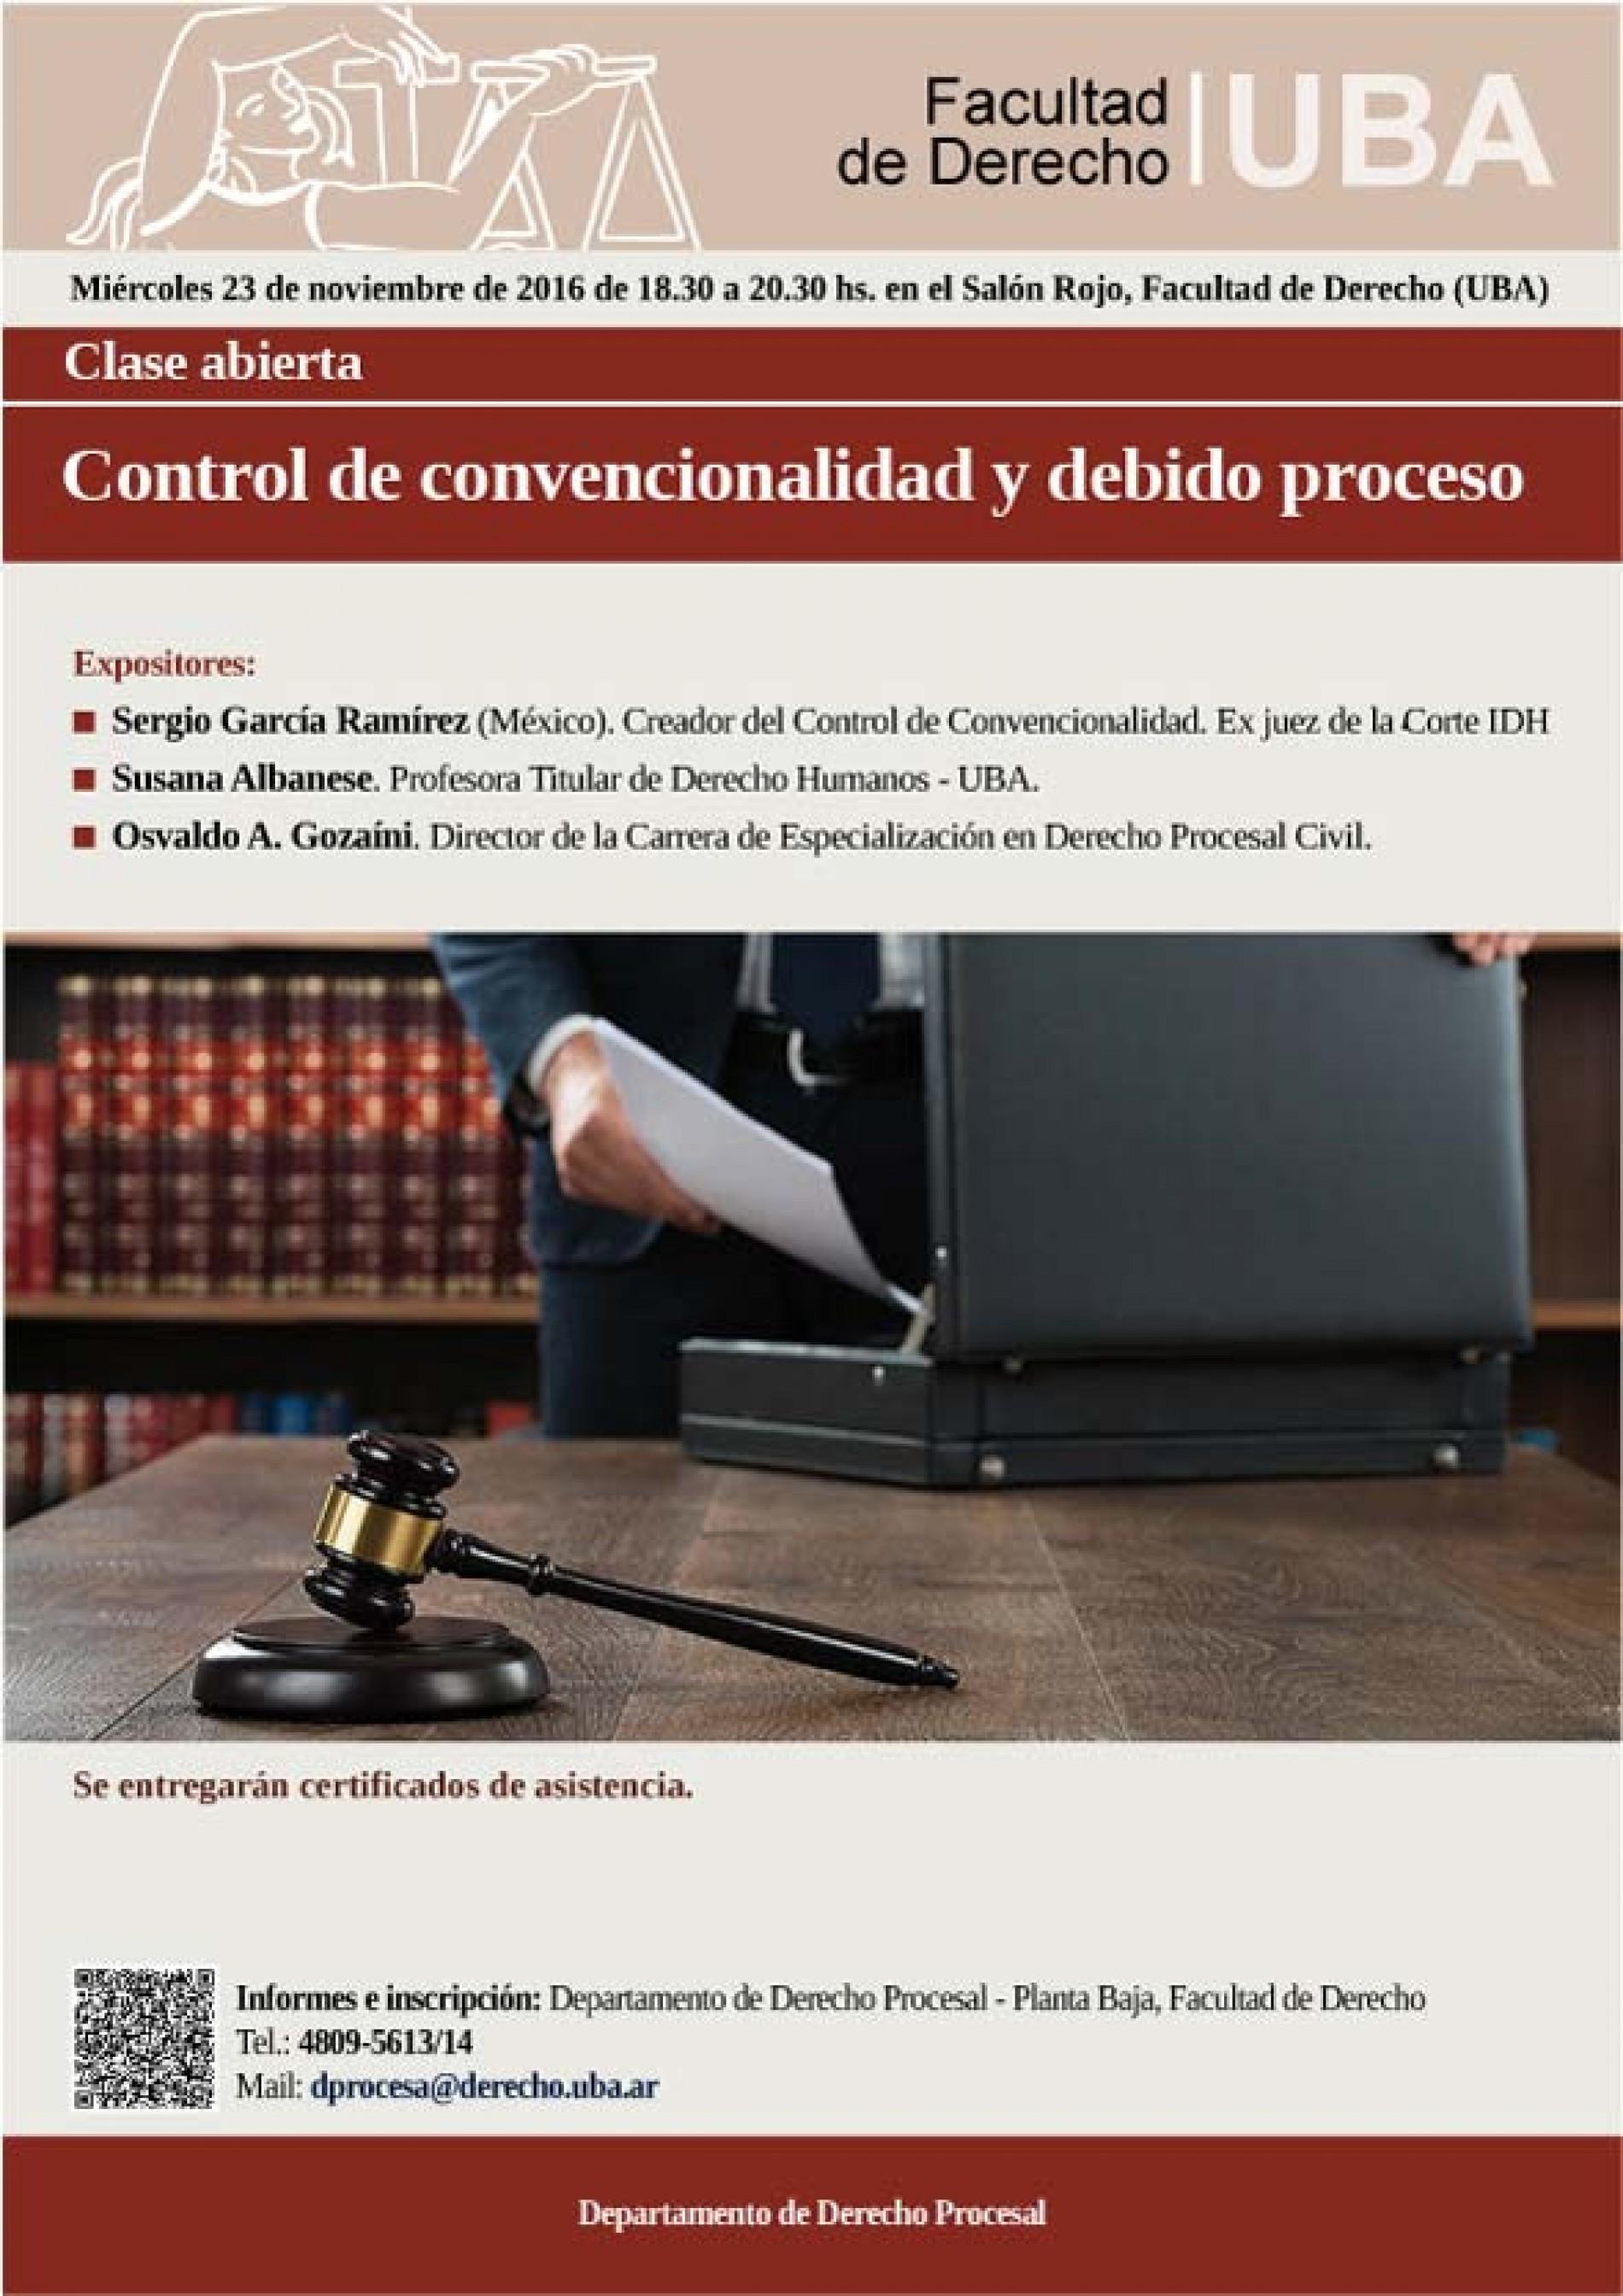 «Control de convencionalidad y debido proceso»